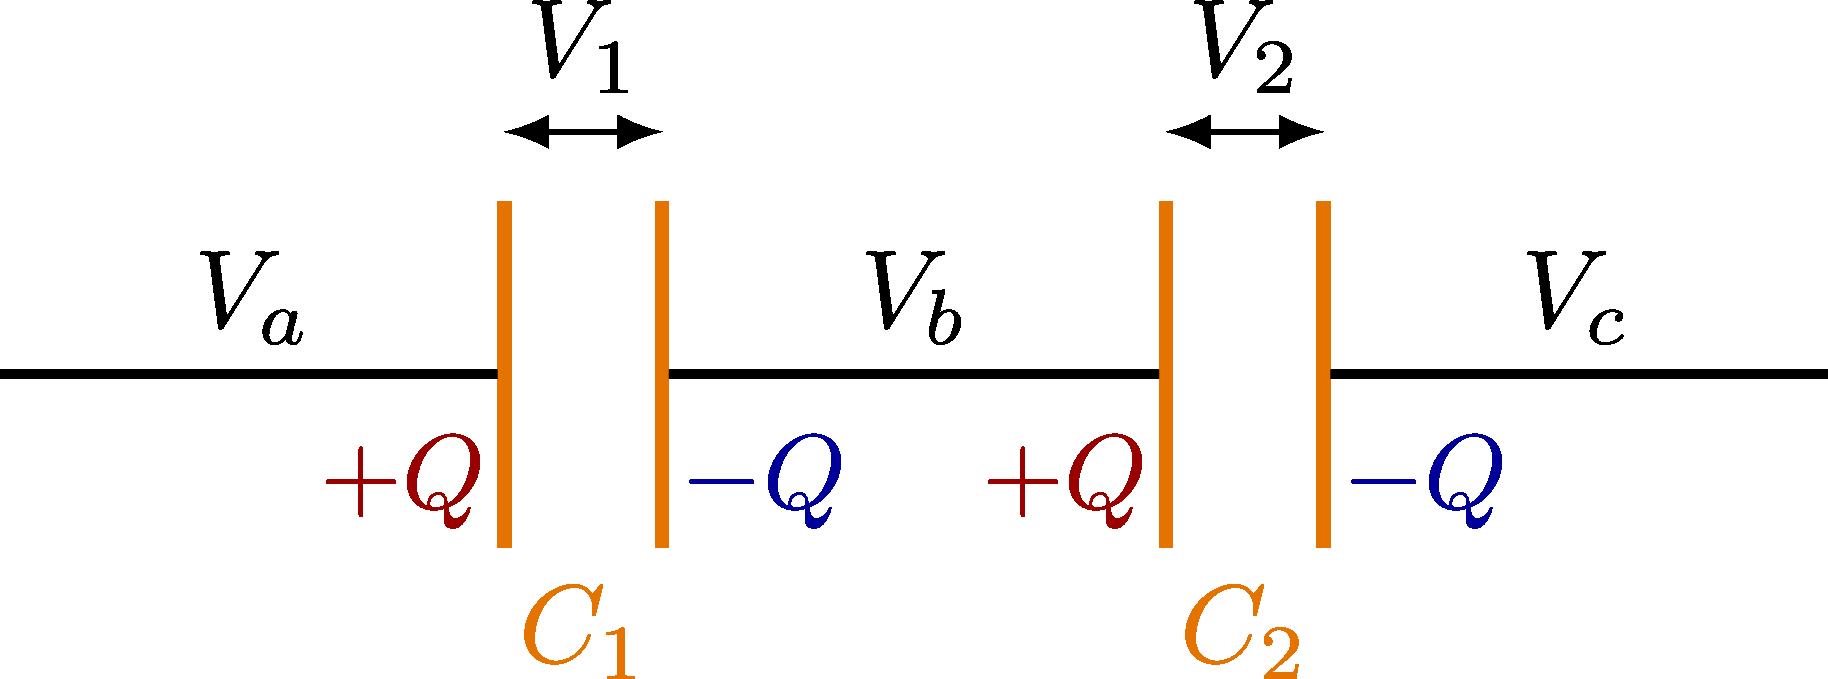 capacitors-009.png